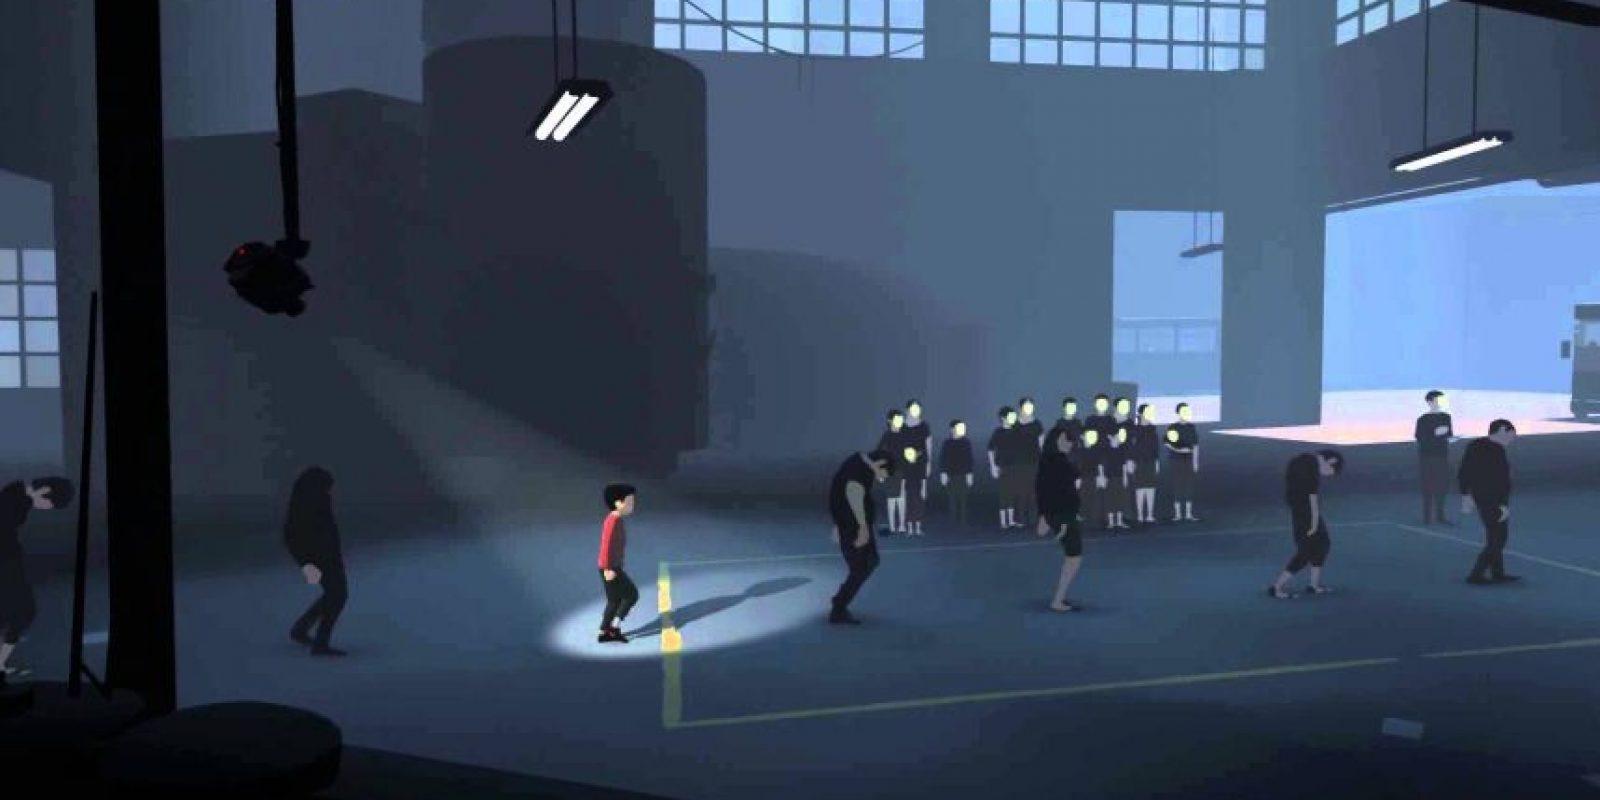 """""""Inside"""" fue una de las sorpresas. El juego de Paladead era considerado una secuela del éxito """"Limbo"""". Ganó en """"mejor arte"""". Recordemos que su predecesor """"Limbo"""" salió en 2010, cuando no existían los """"Game Awards"""" Foto:Game Awards. Imagen Por:"""